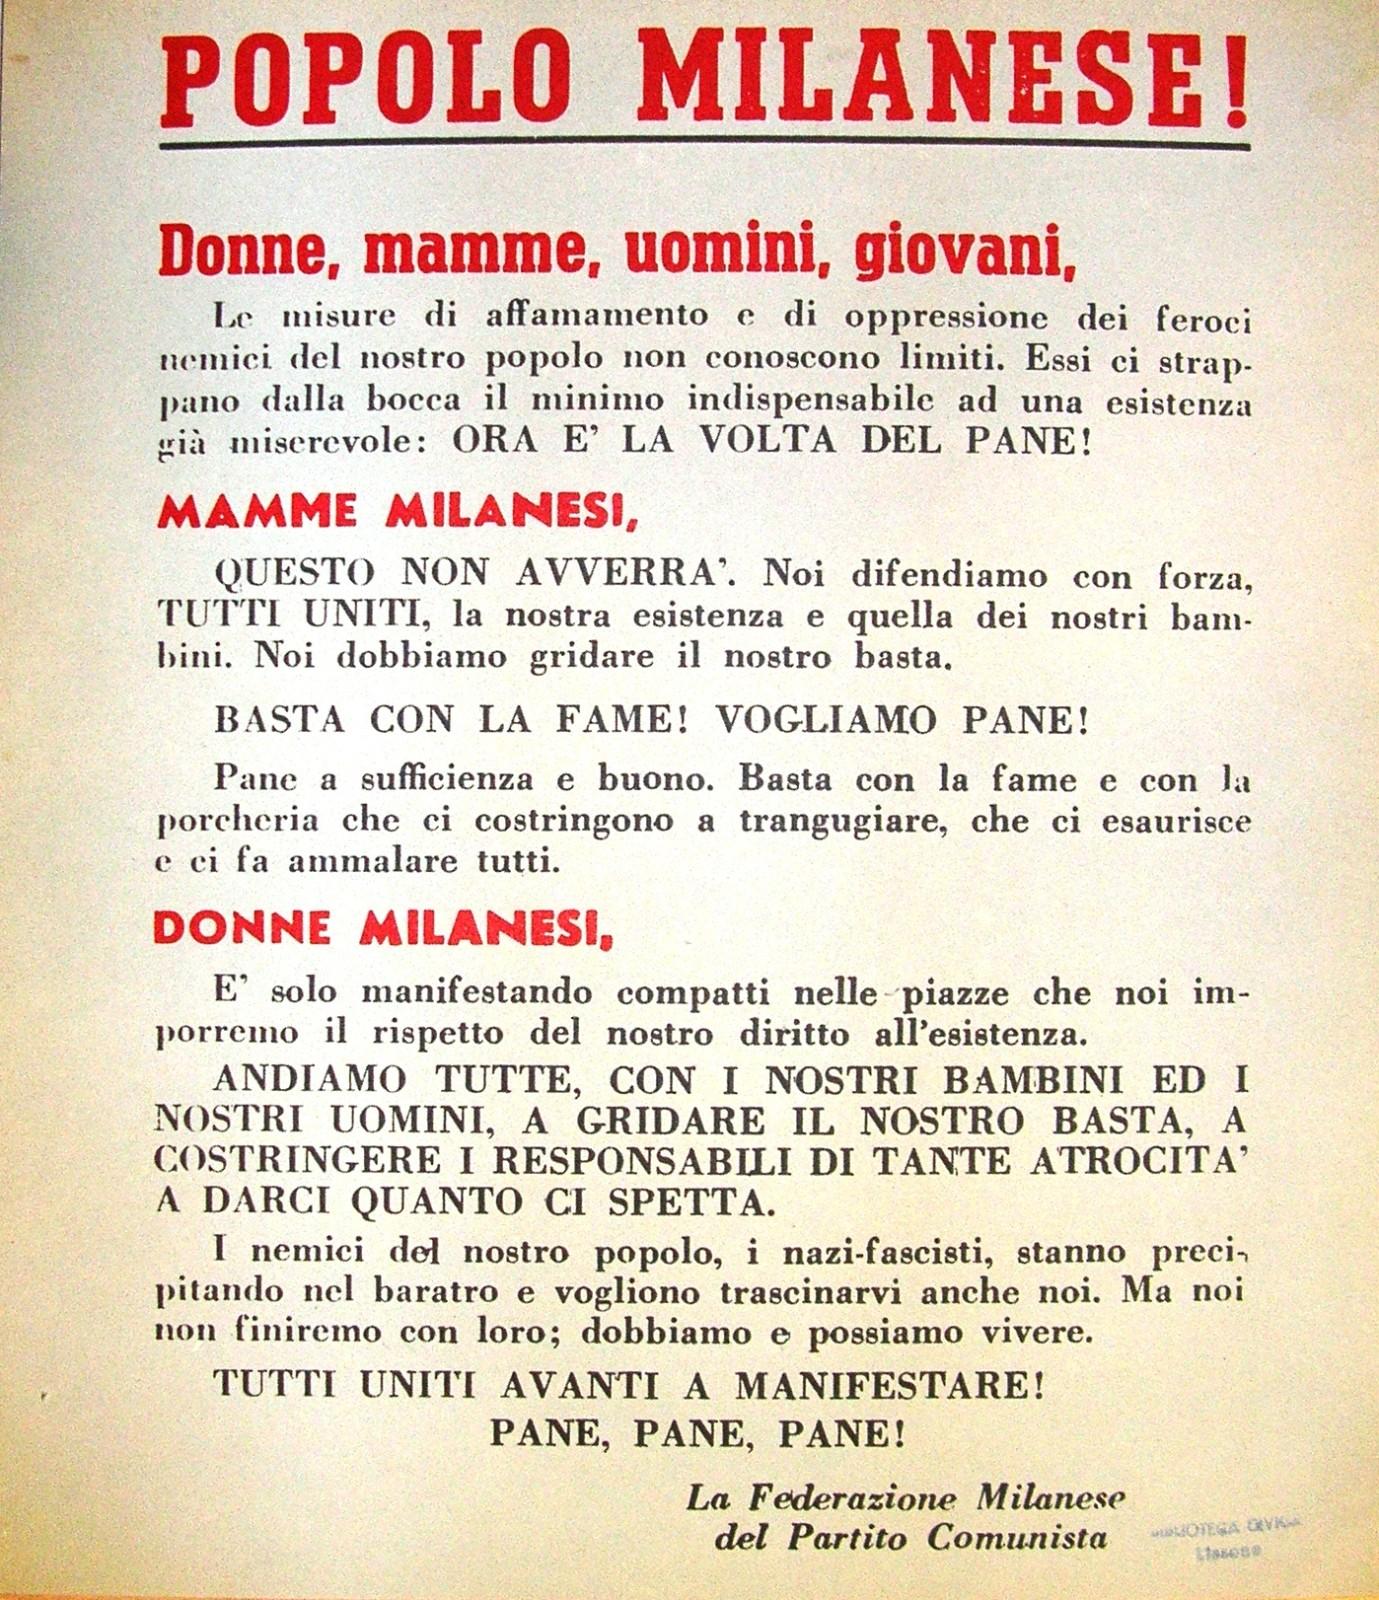 Manifesto clandestino della Federazione comunista milanese che chiama il popolo - e in particolare le donne - a manifestare per avere pane e pace - contro la guerra